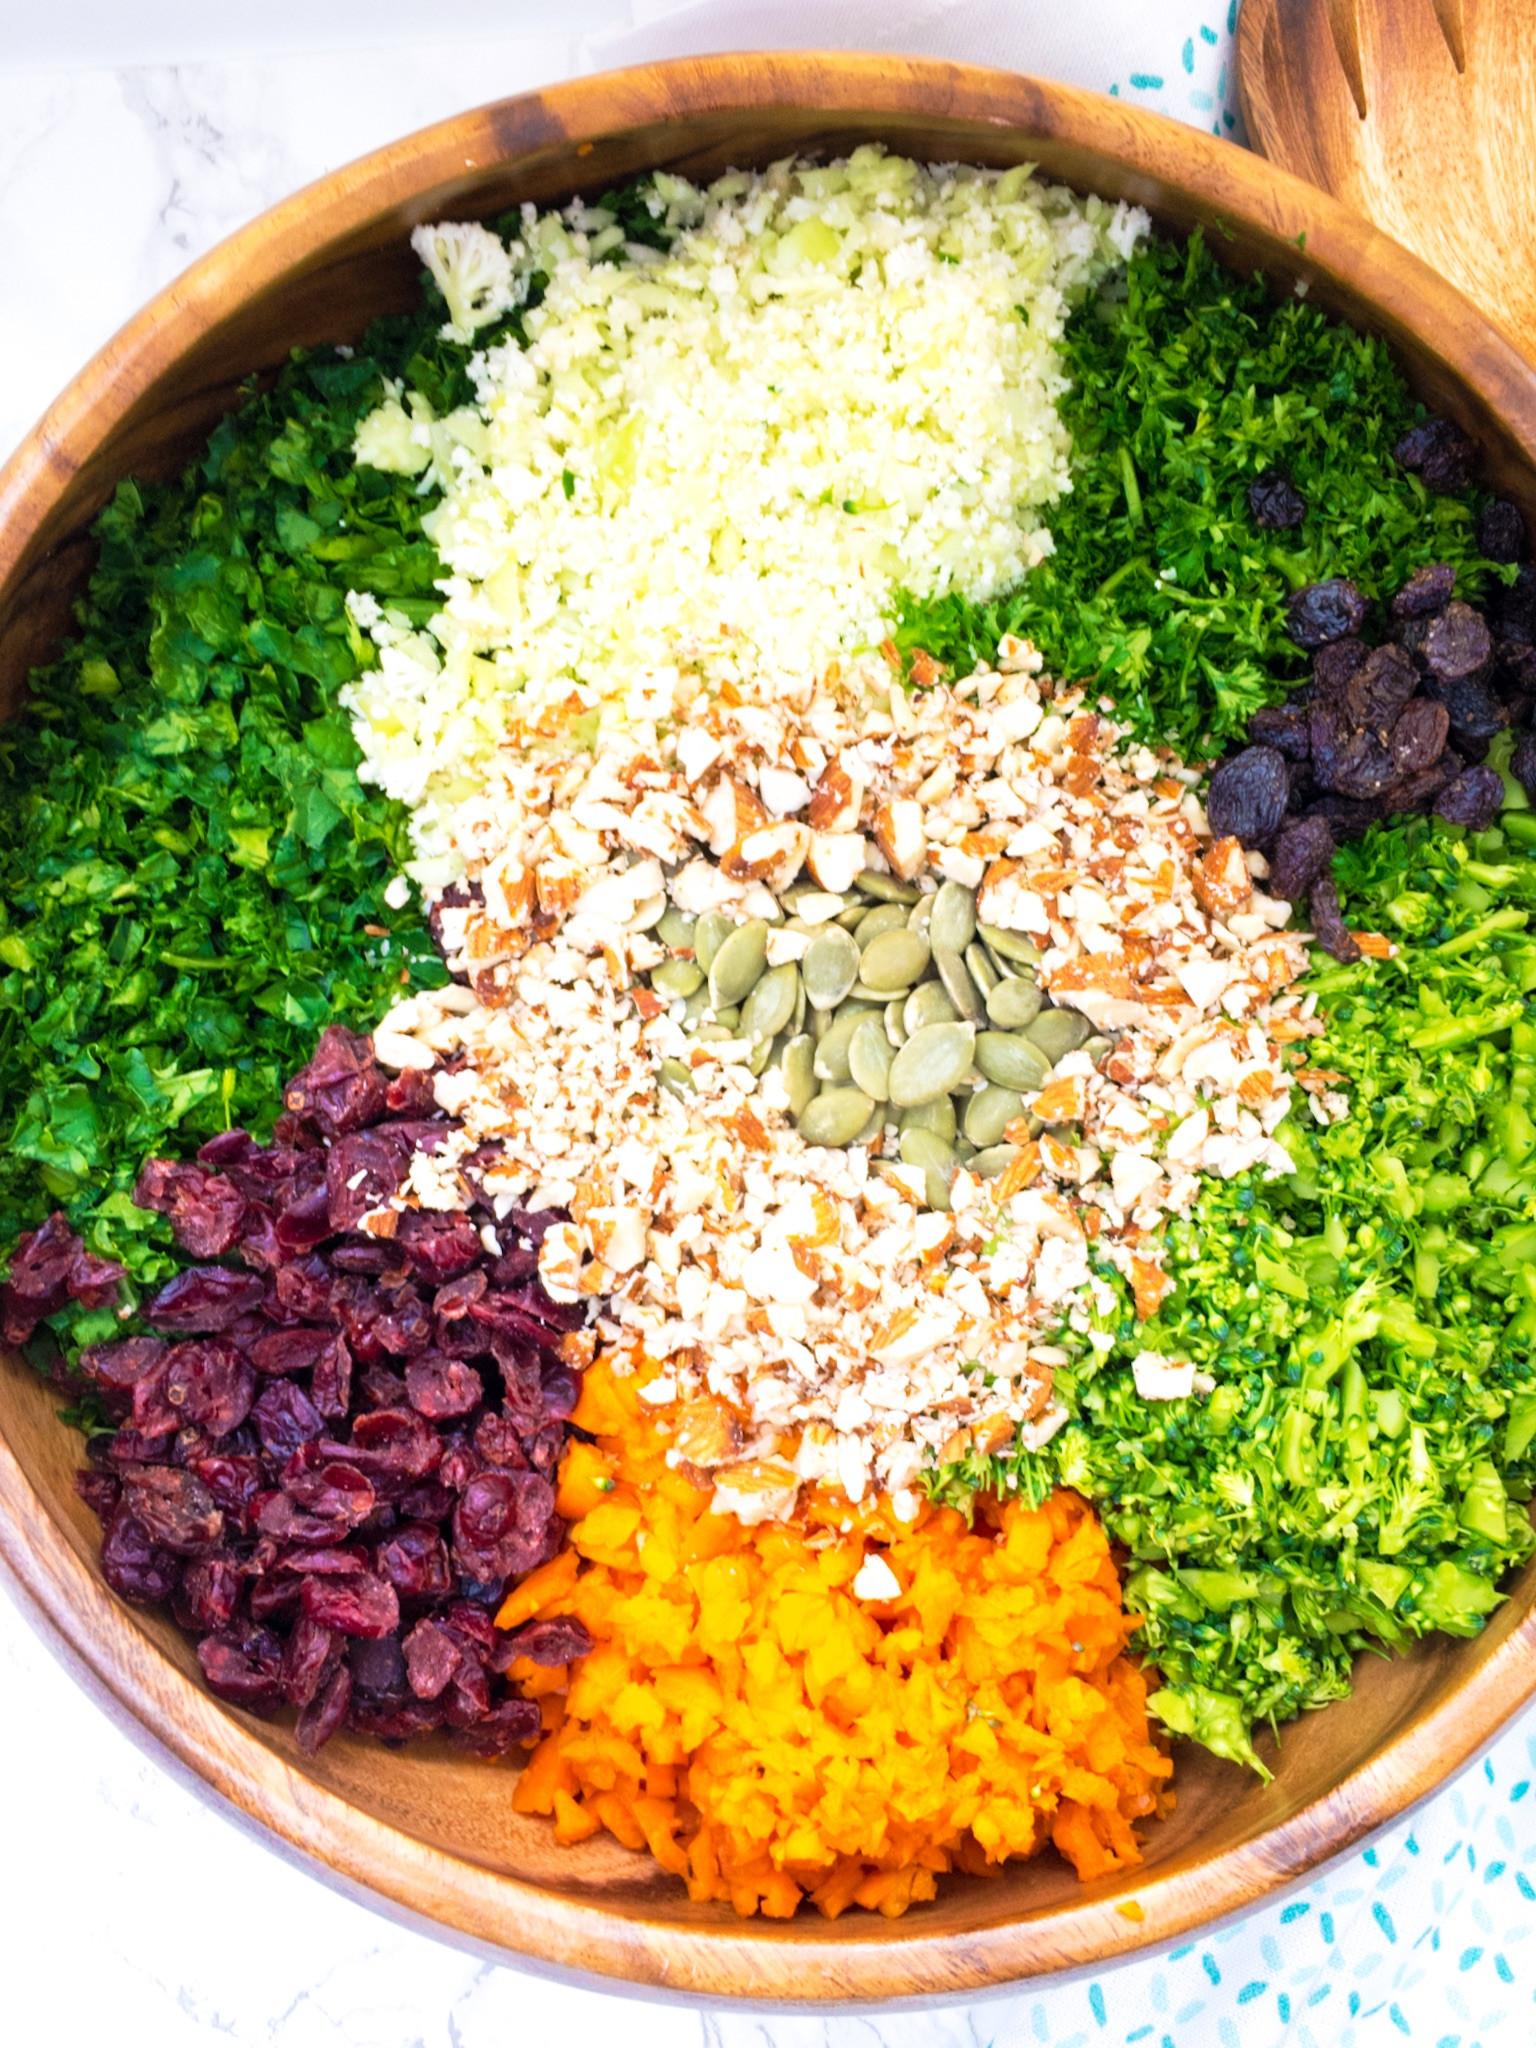 Healthy Kale Salad Recipes  Super Healthy Detox Kale Salad